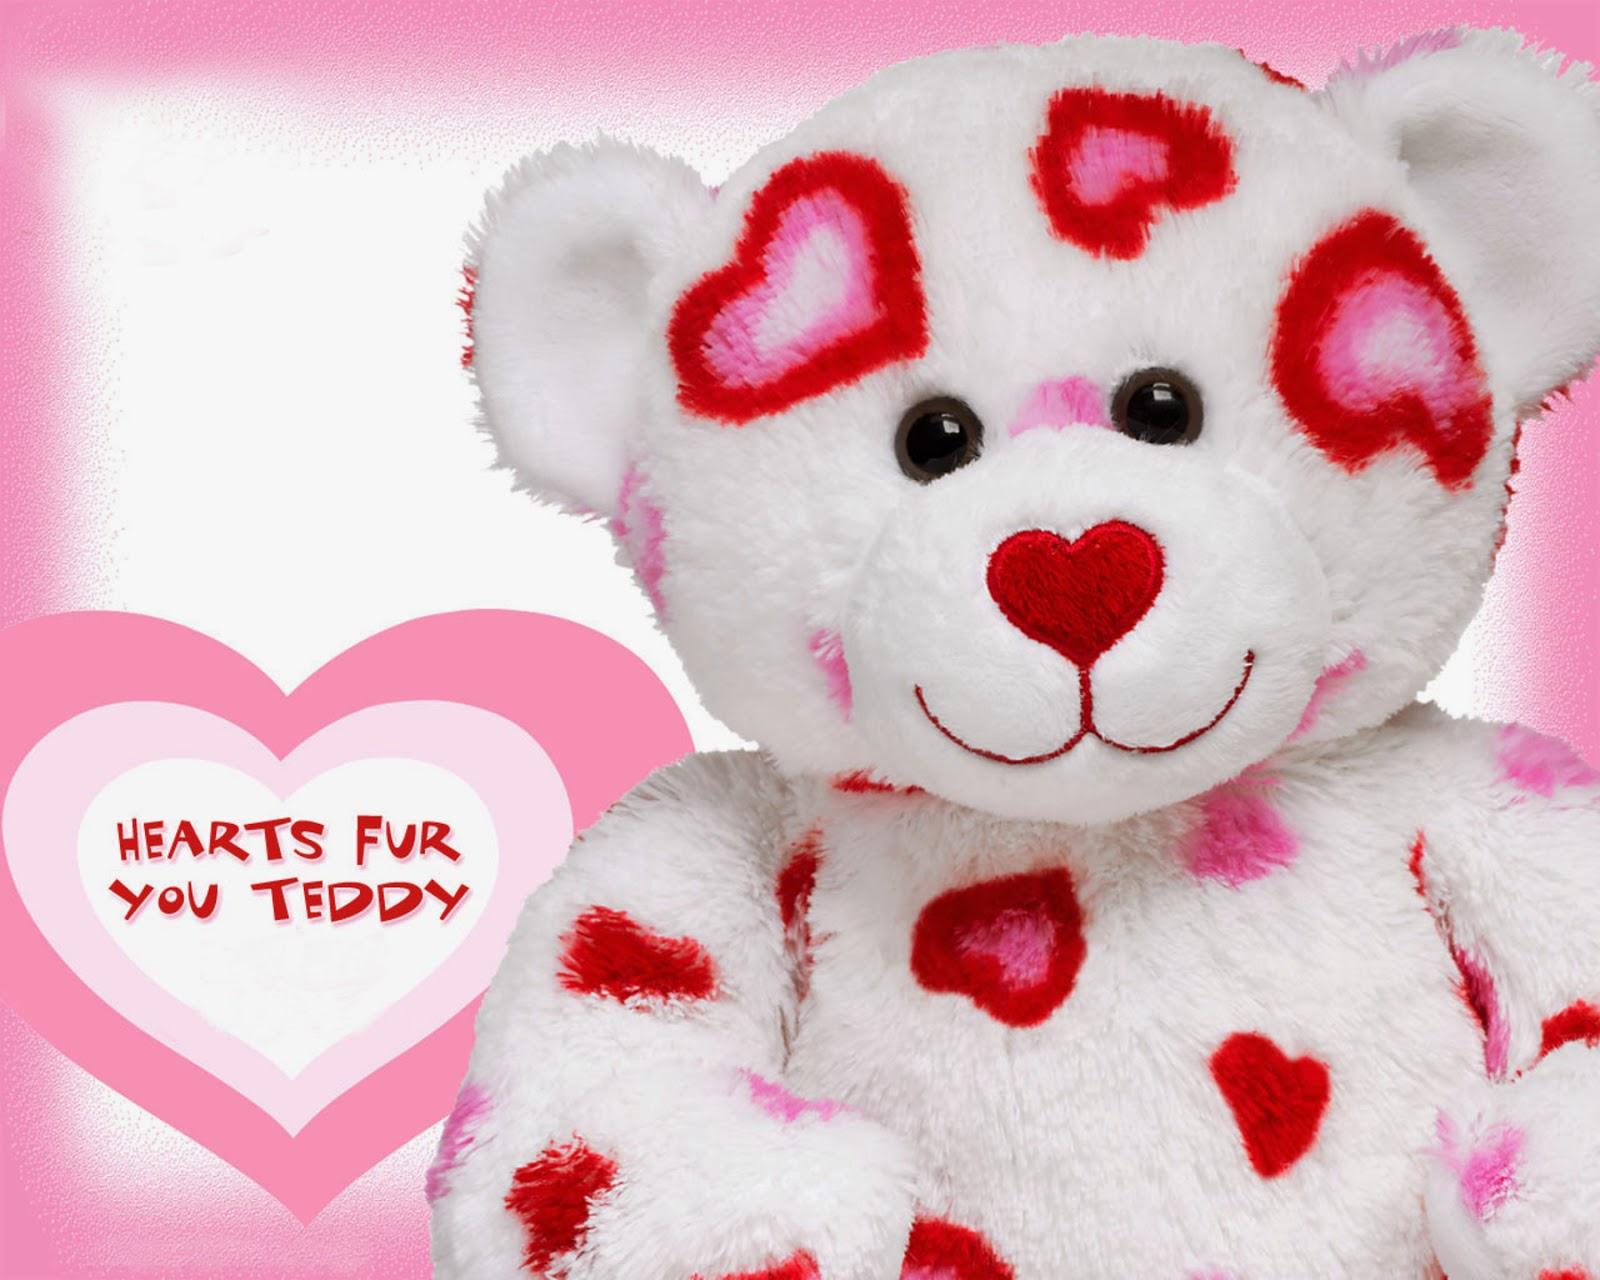 Teddy Bear Hd Wallpaper Wallpapers